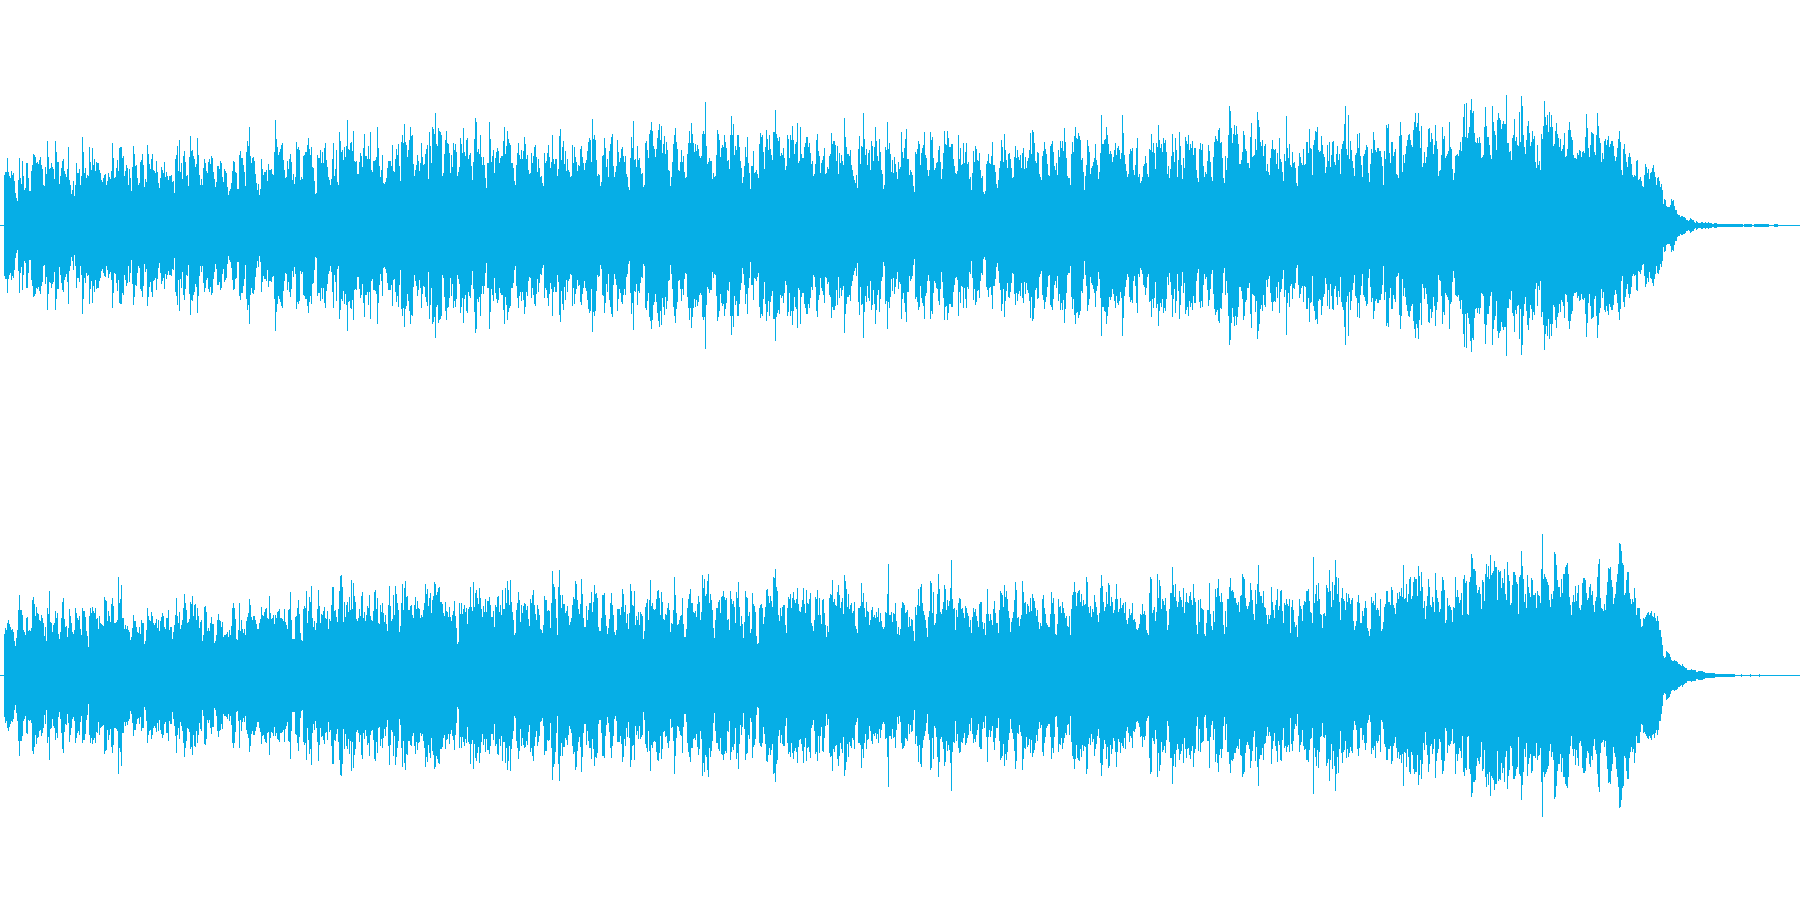 シンセによる異国の雰囲気のジングルの再生済みの波形